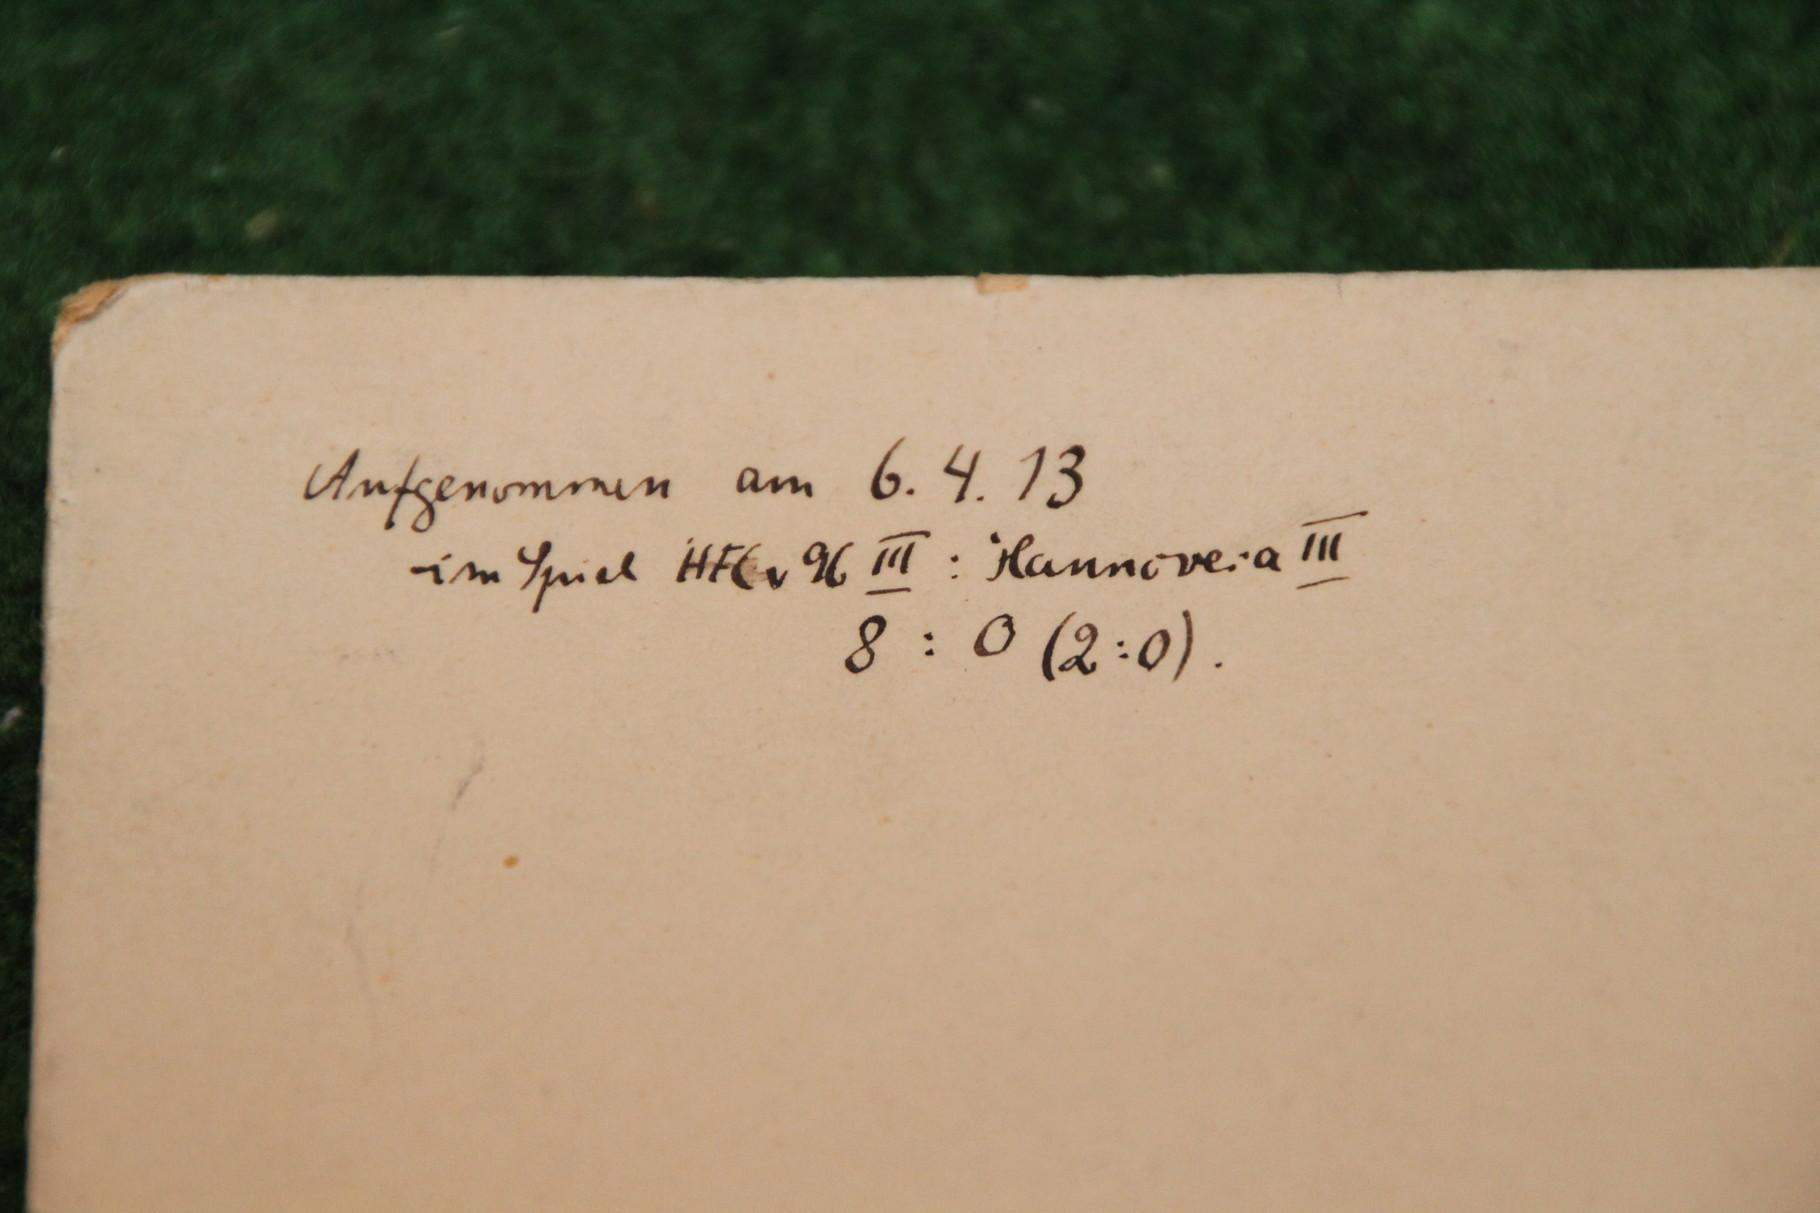 Originalfoto von HFC gegen 1896 aufgenommen am 6.4.13, wenige Monate später fusionierten die Vereine zu Hannover 96! 2/2